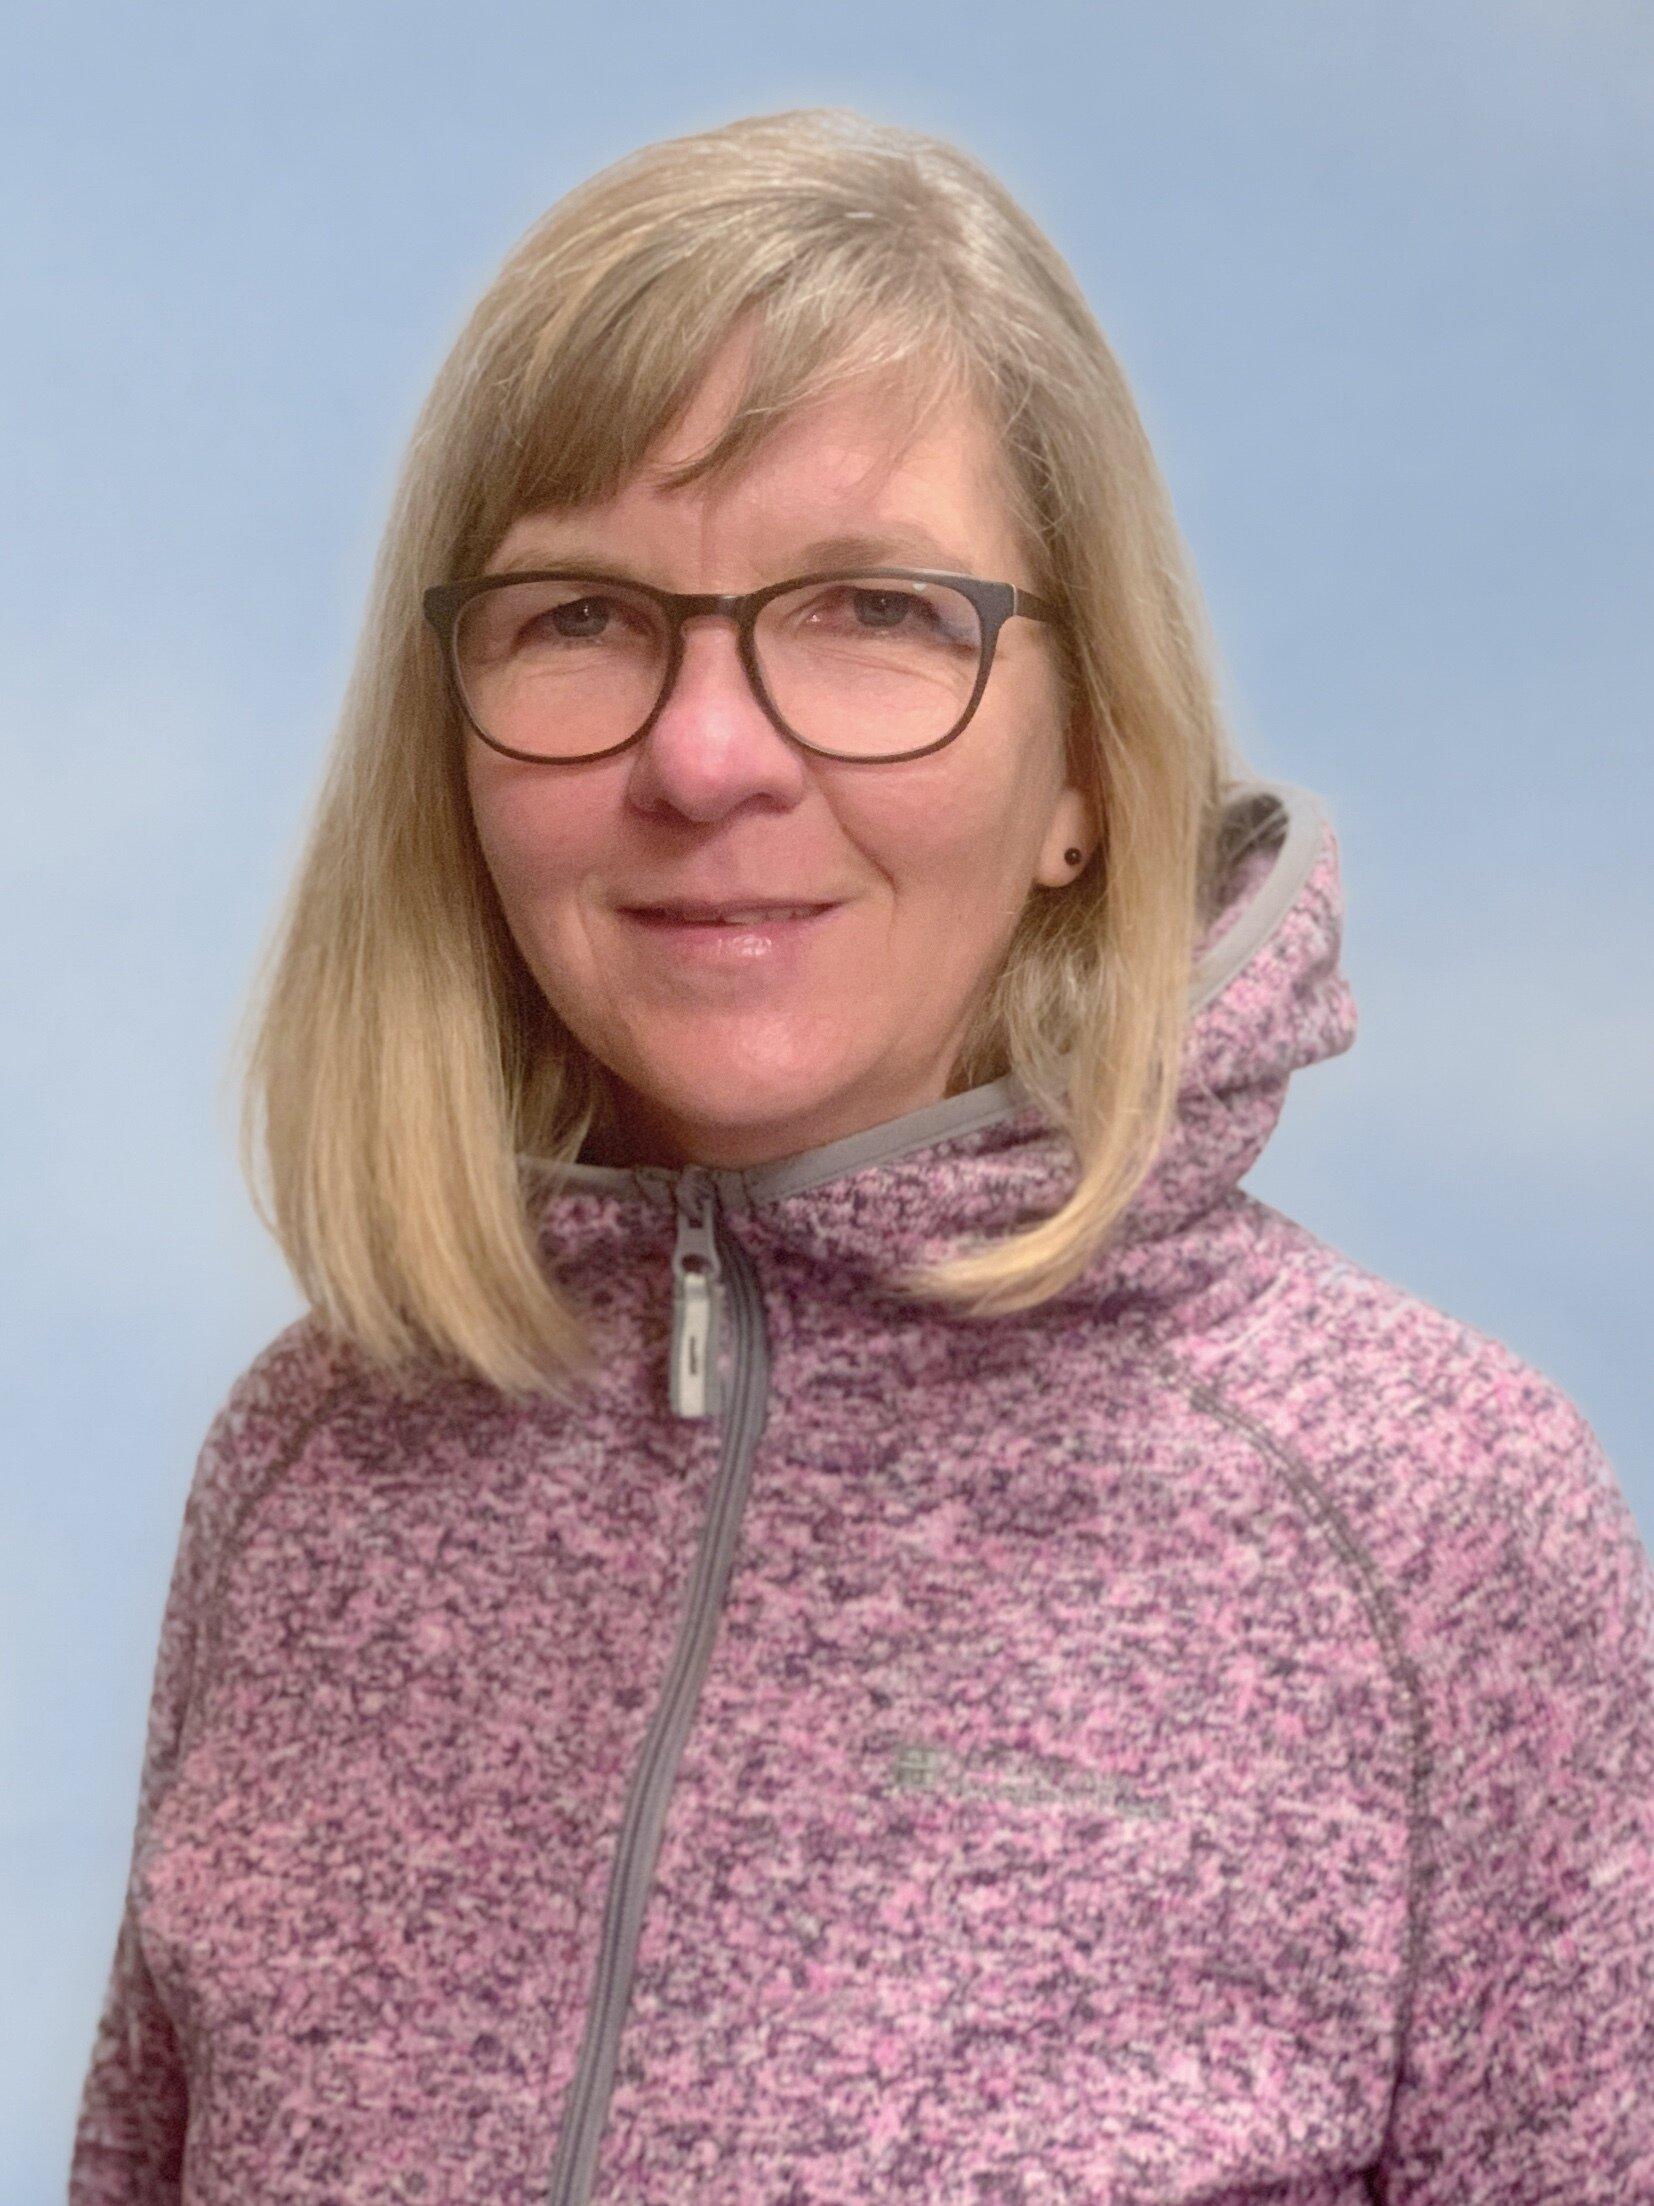 Frau Manuela Lammers